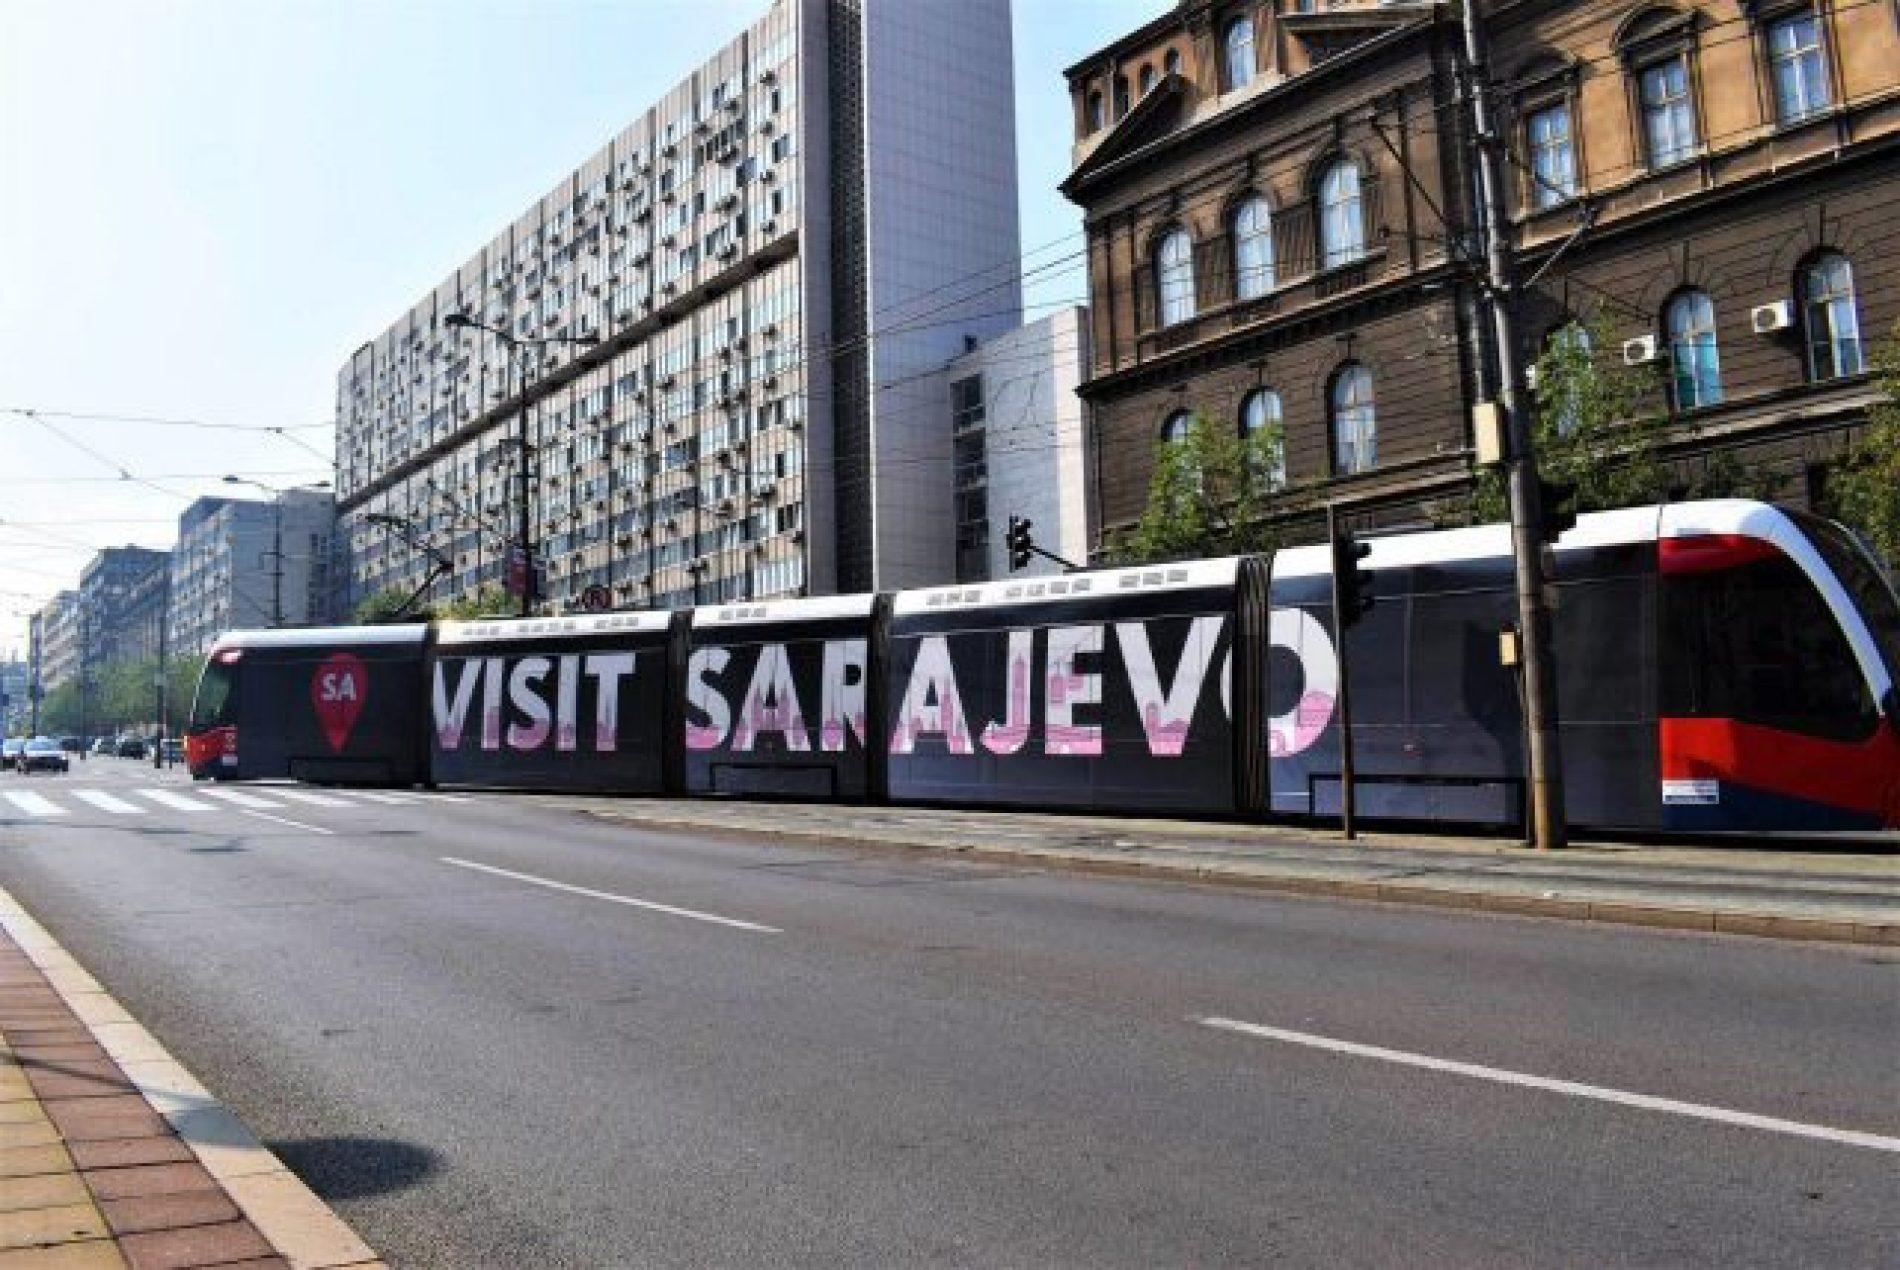 """Tramvaj s natpisom """"Visit Sarajevo"""" kruži ulicama Beograda"""